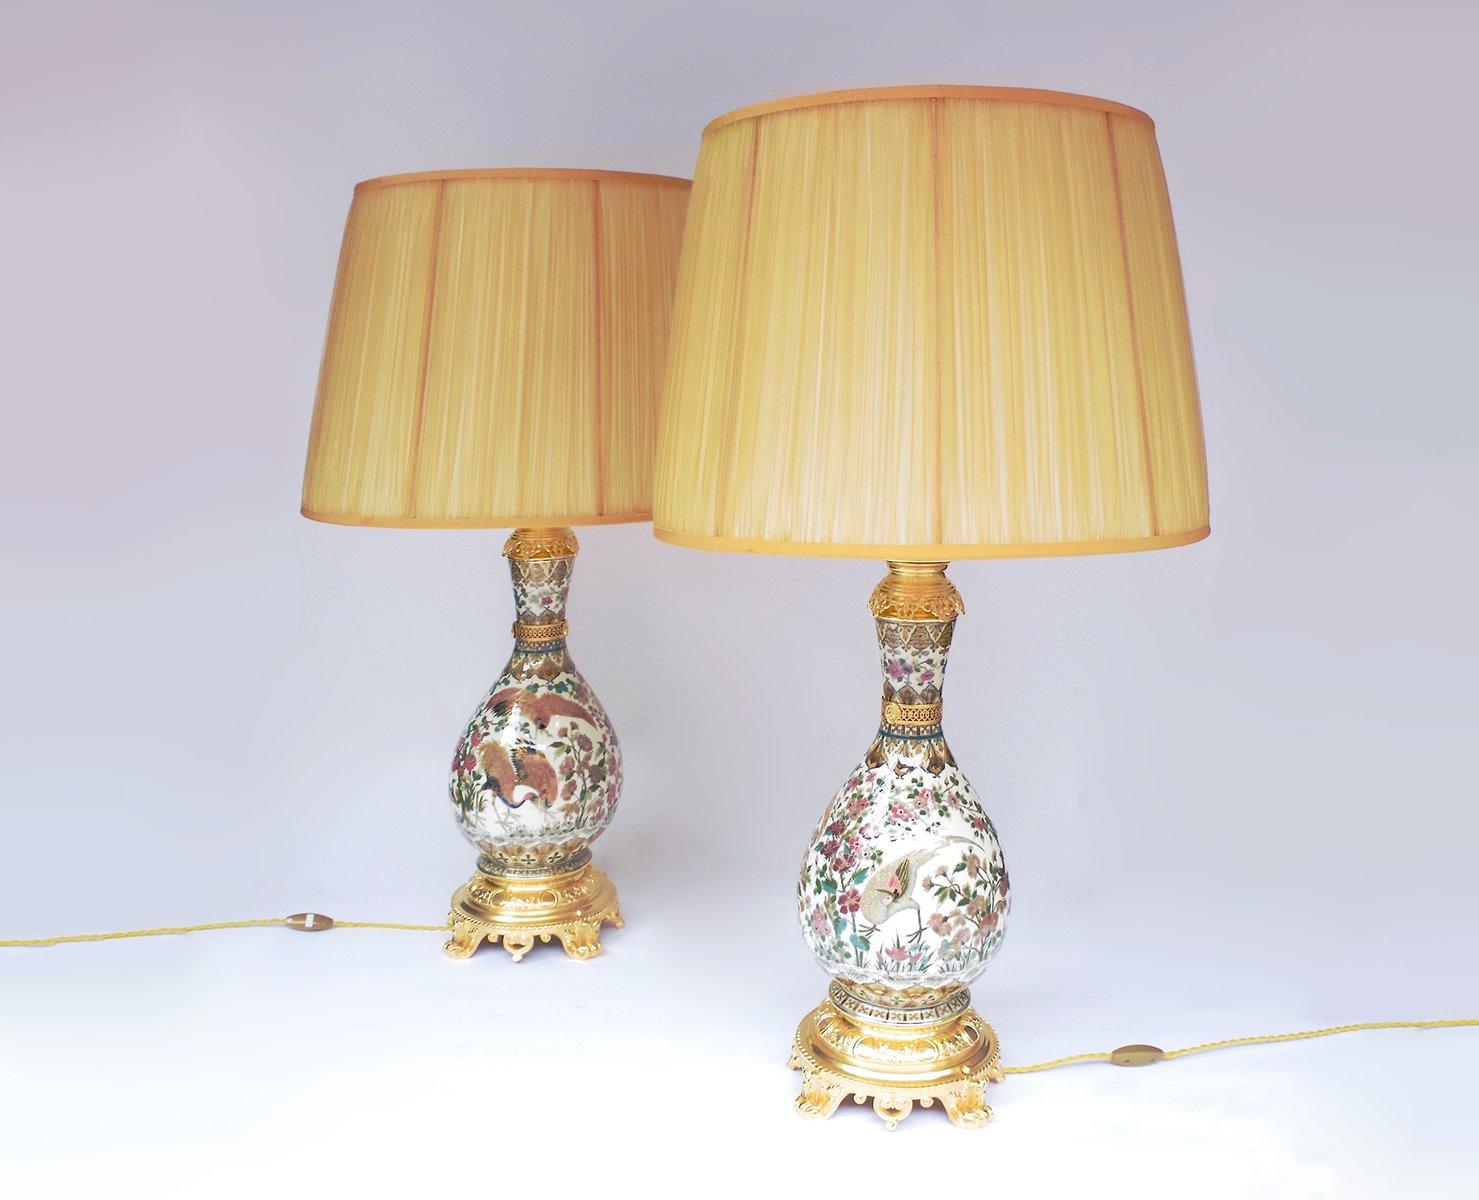 Cremefarbene Porzellan Lampen von Zsolnay, 2er Set, Spätes 19. Jh.